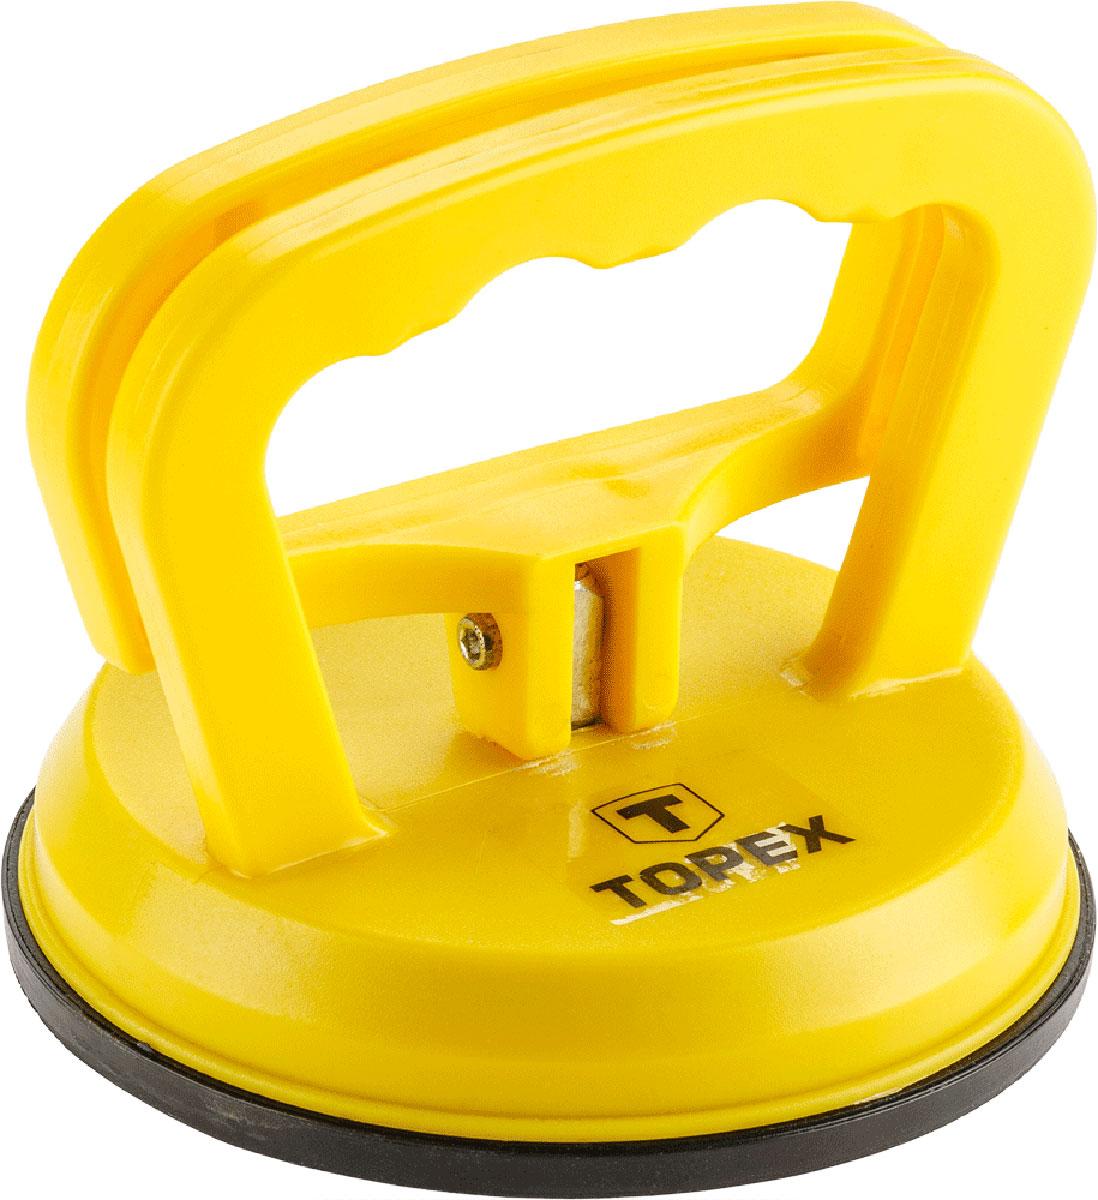 Стеклодомкрат Topex, одинарный, цвет: желтый, черный, до 40 кг21395599Стеклодомкрат Topex предназначен для захвата, переноски и монтажа листового стекла, кафельной плитки и других листовых изделий с гладкой полированной поверхностью. Изделие выполнено из прочного пластика, подошва из резины. Захват происходит при помощи поднятия ручки.